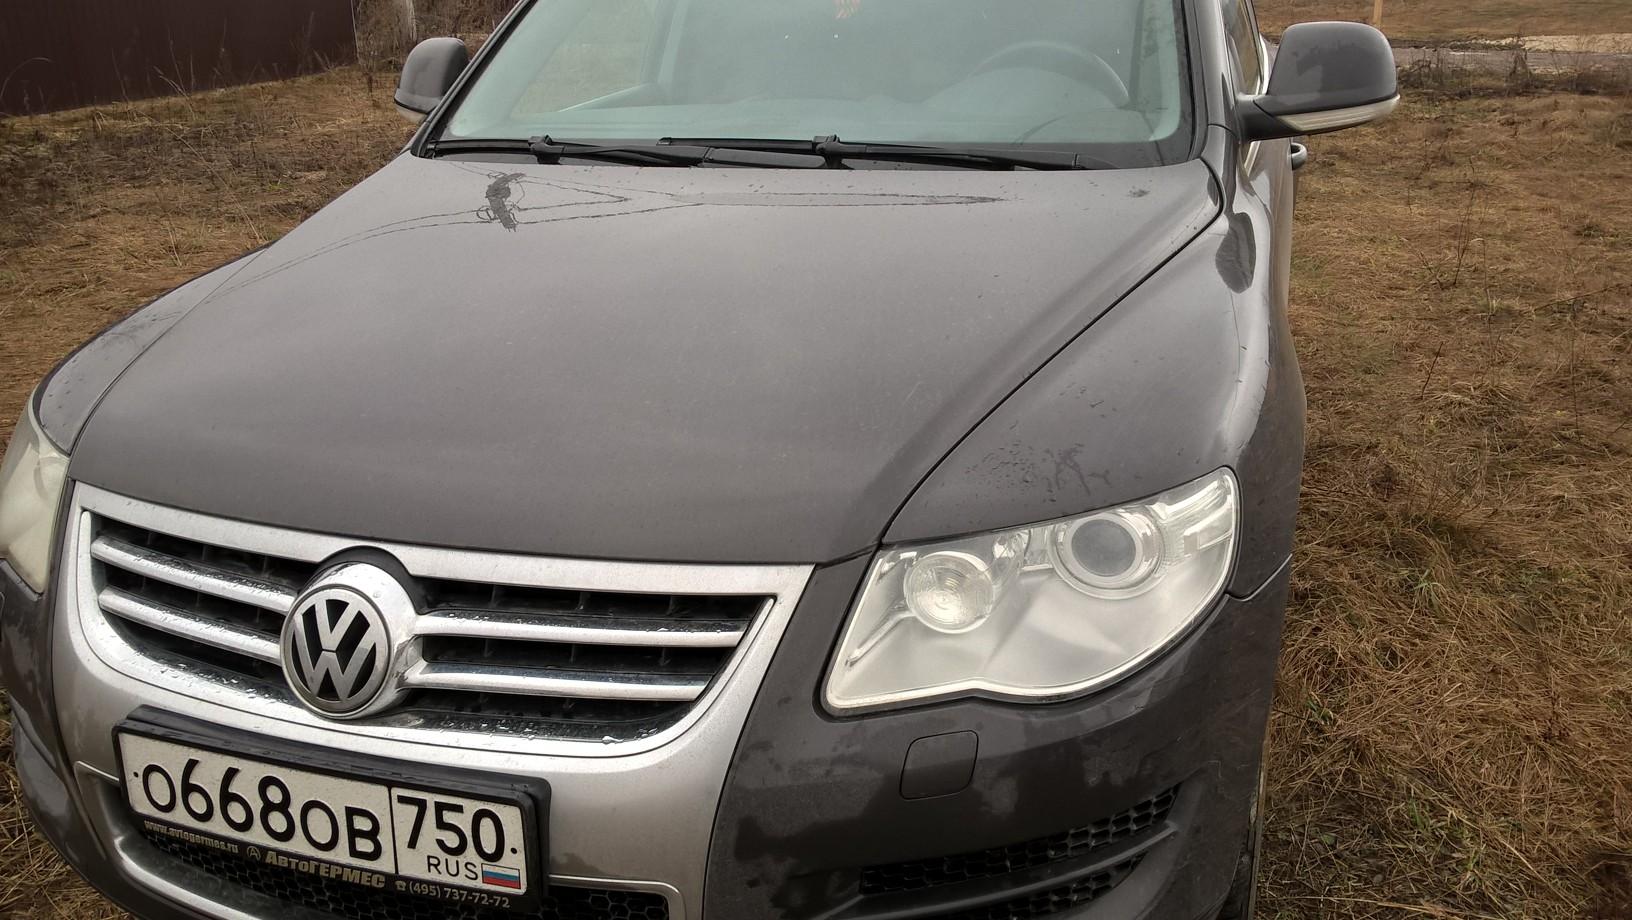 Чип тюнинг Volkswagen Touareg 3.0 дизель